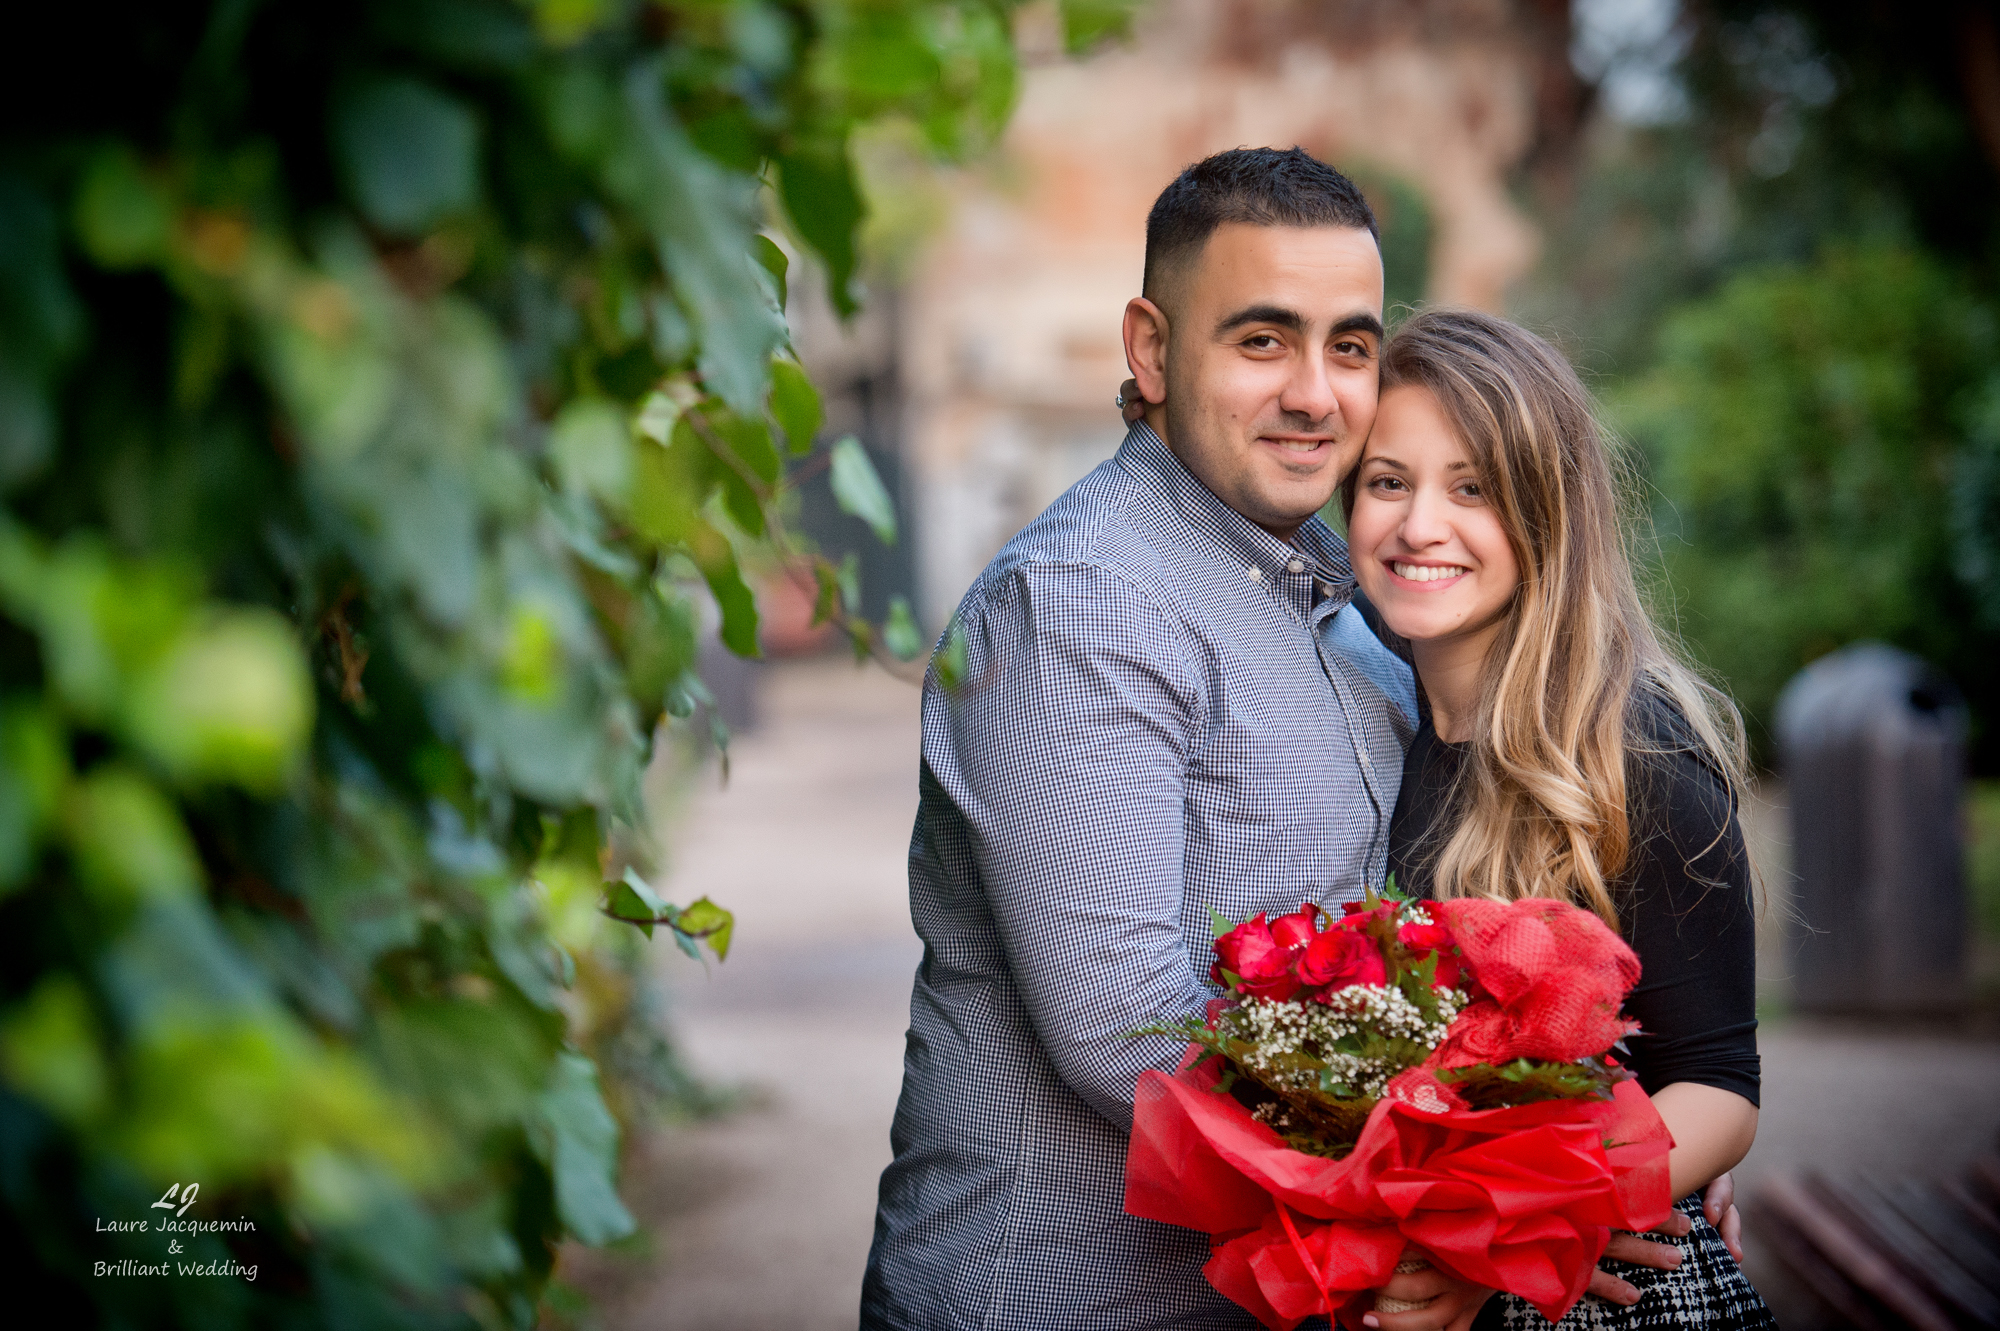 Mariage Venise Photographe fiancailles demande en mariage laure jacquemin   (27)